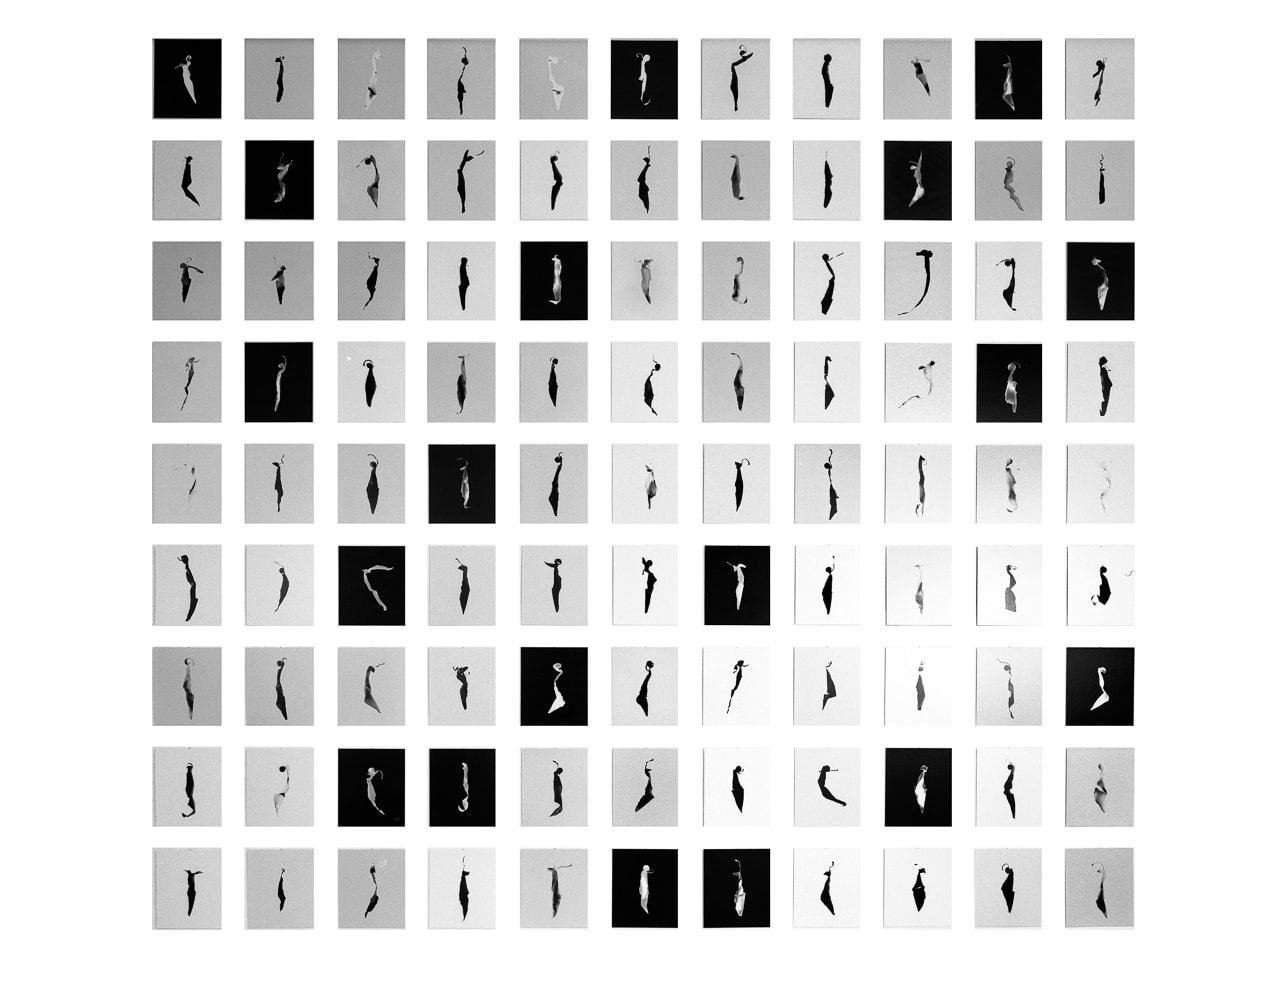 Tableau »99 ULOs für Berlin« in der Ausstellung »ULO family – Fotogramme von Floris M. Neusüss« im Studio 1 der bildo akademie 1993